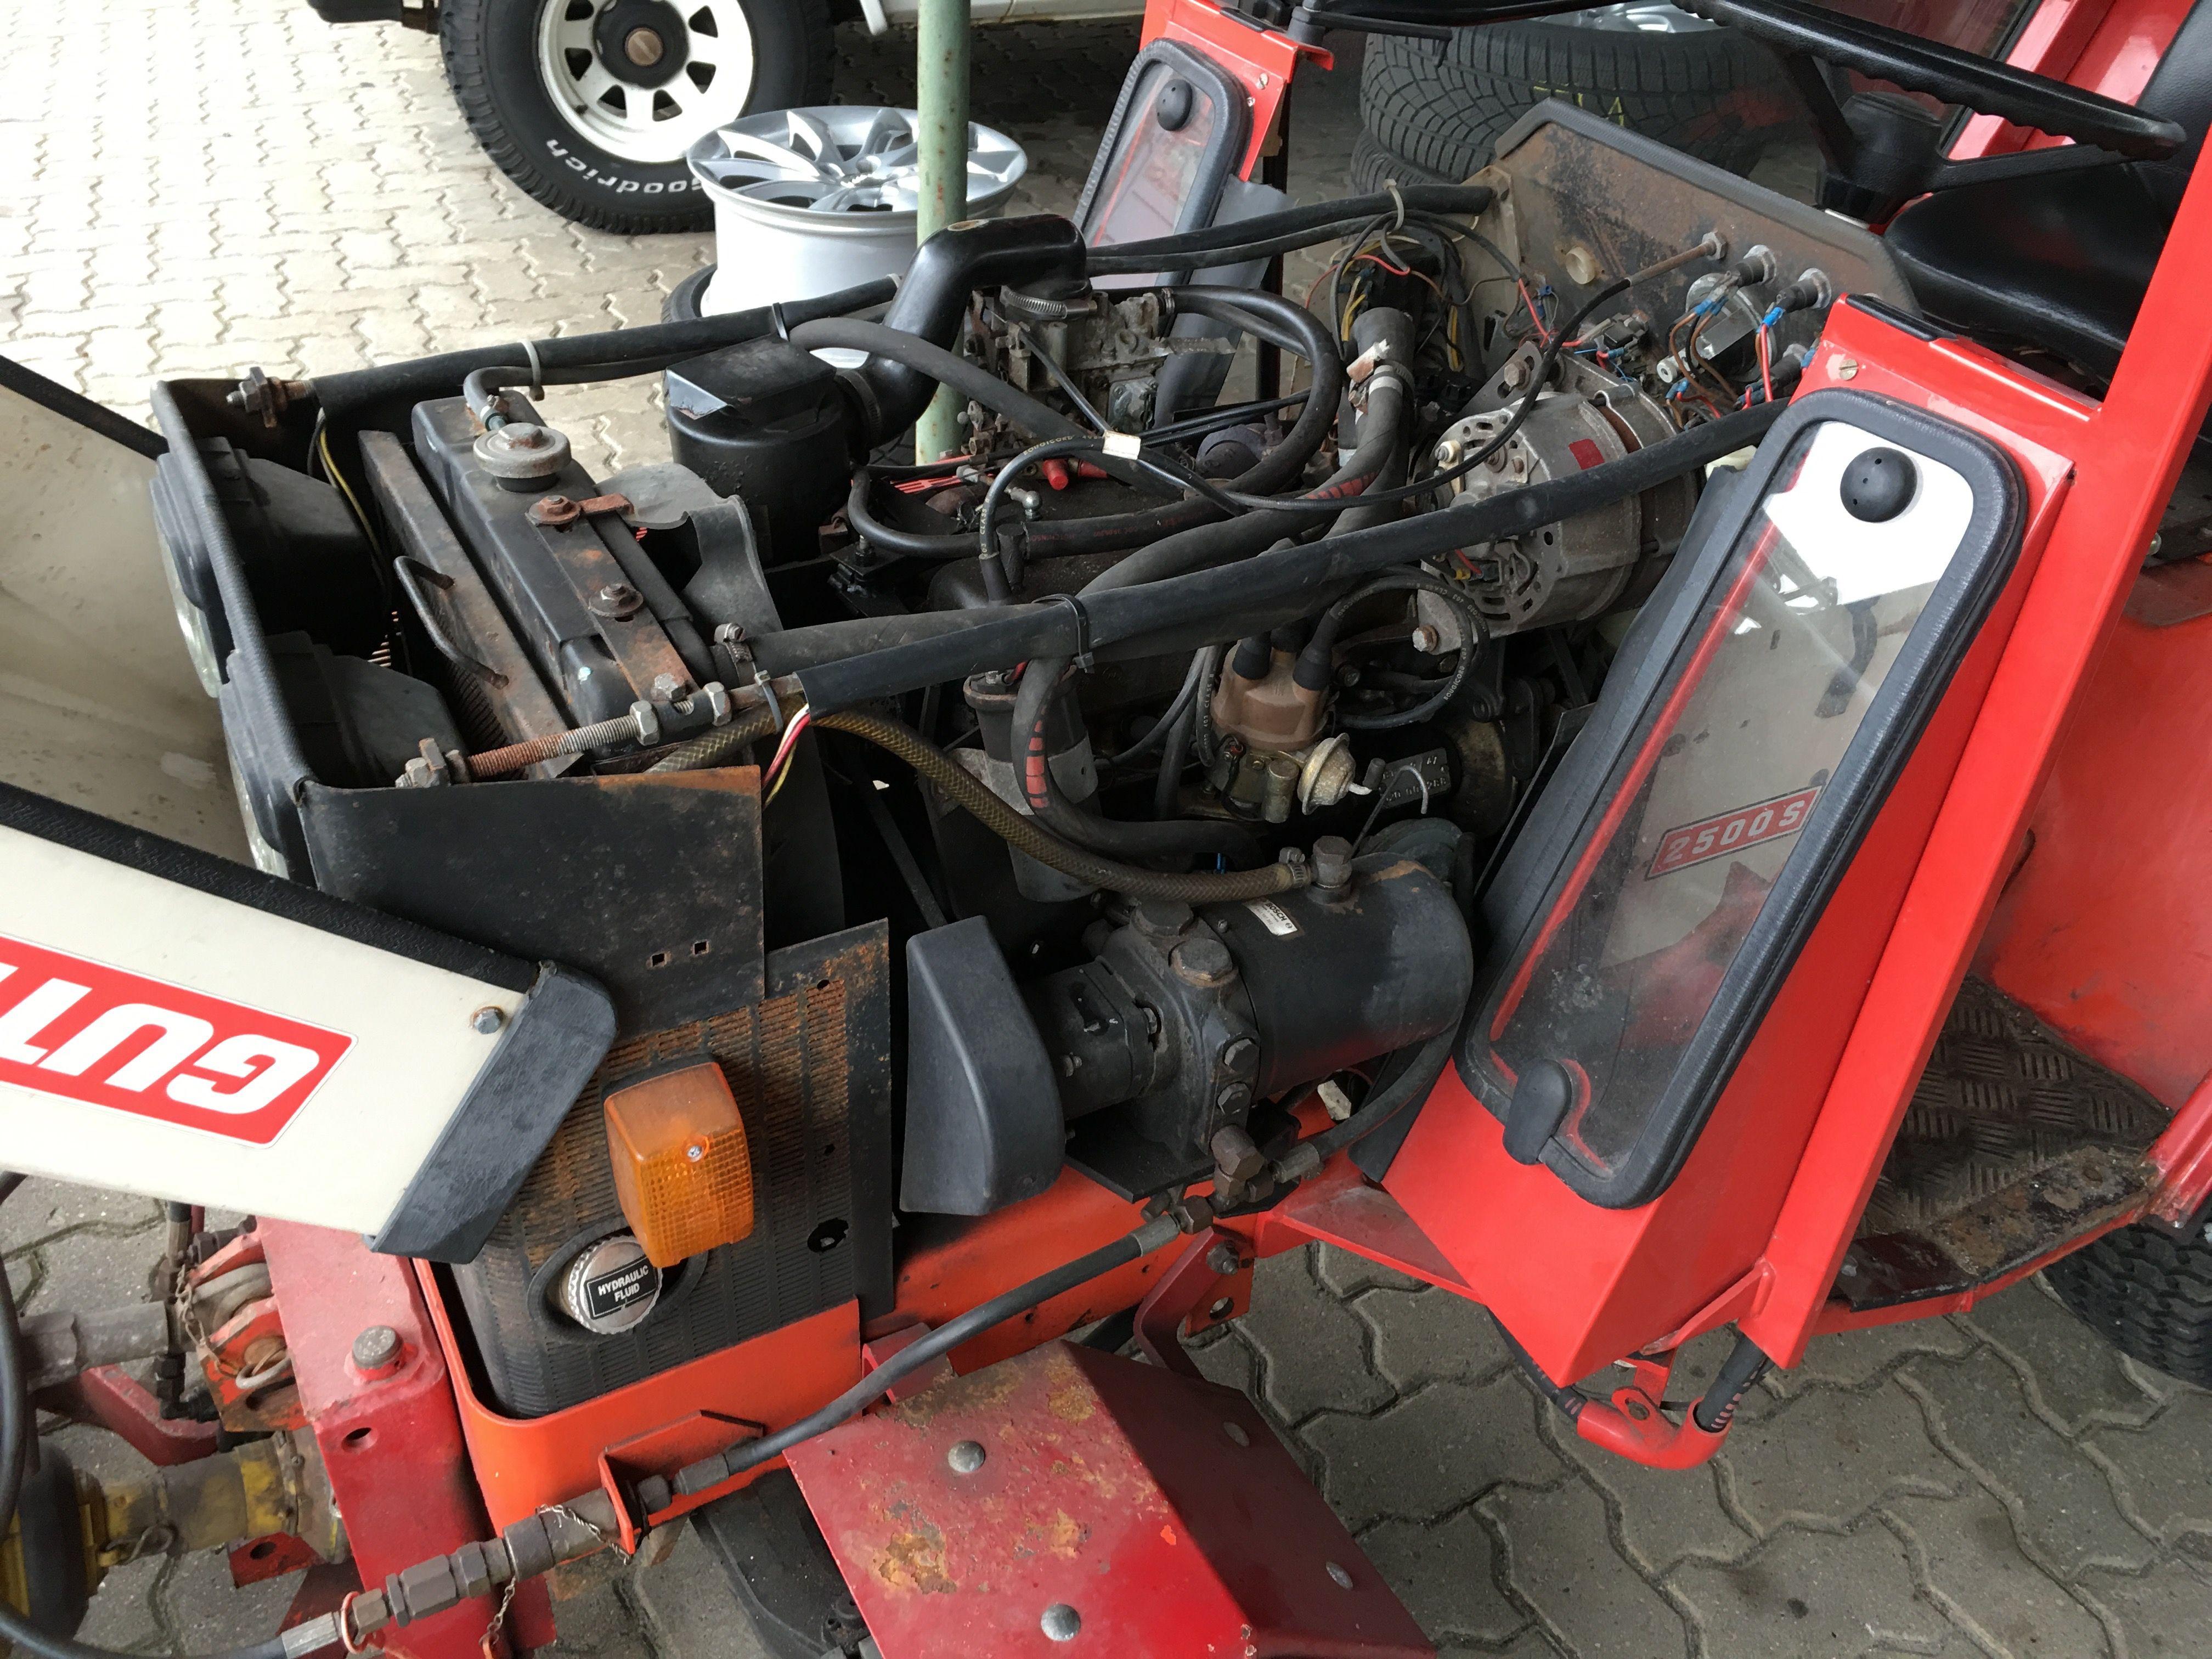 Renault Motor Gutbrod 2500 S Mit Solex 32 Dis Zapfwelle Und Hydraulikpumpe Der Kleintraktor Hat Zwar Noch Etwas Farbe Notig Aber Erst 250 Stunden Gelaufen